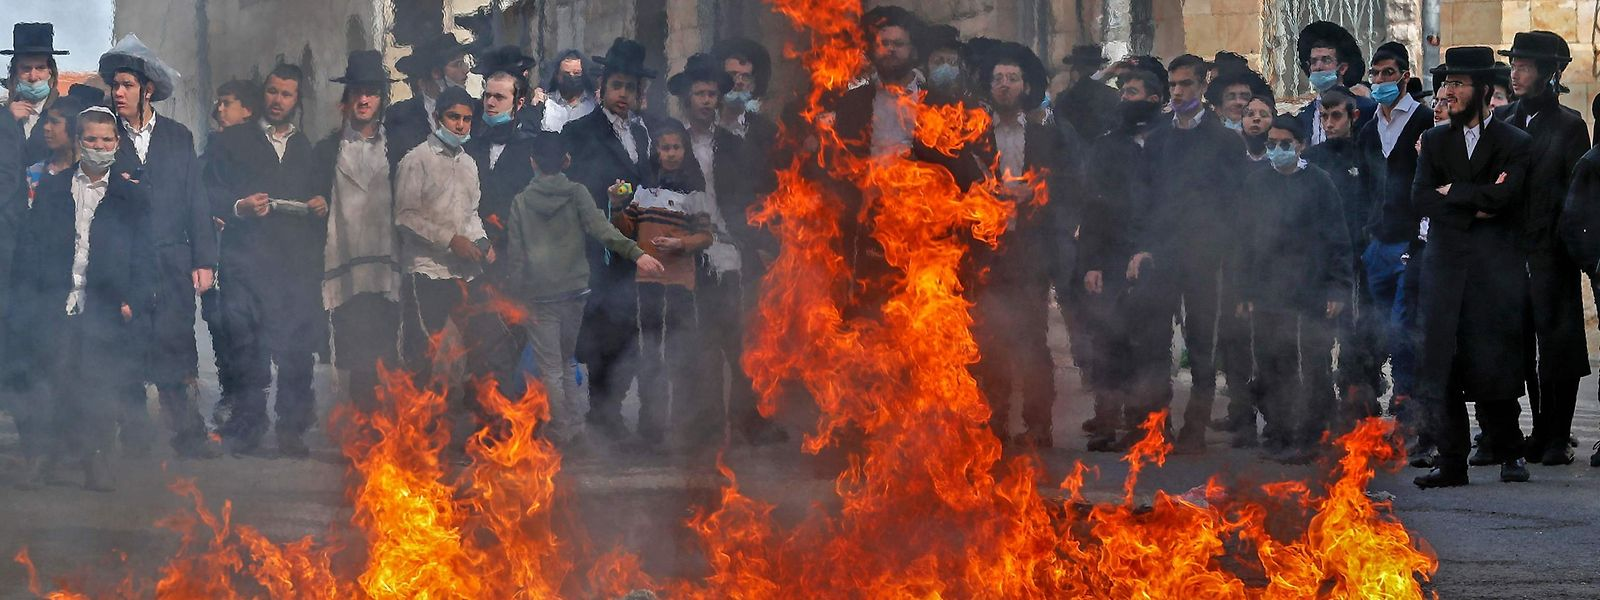 Ultraorthodoxe protestieren im Viertel Mea Sharim in Jerusalem gegen die Corona-Regeln.